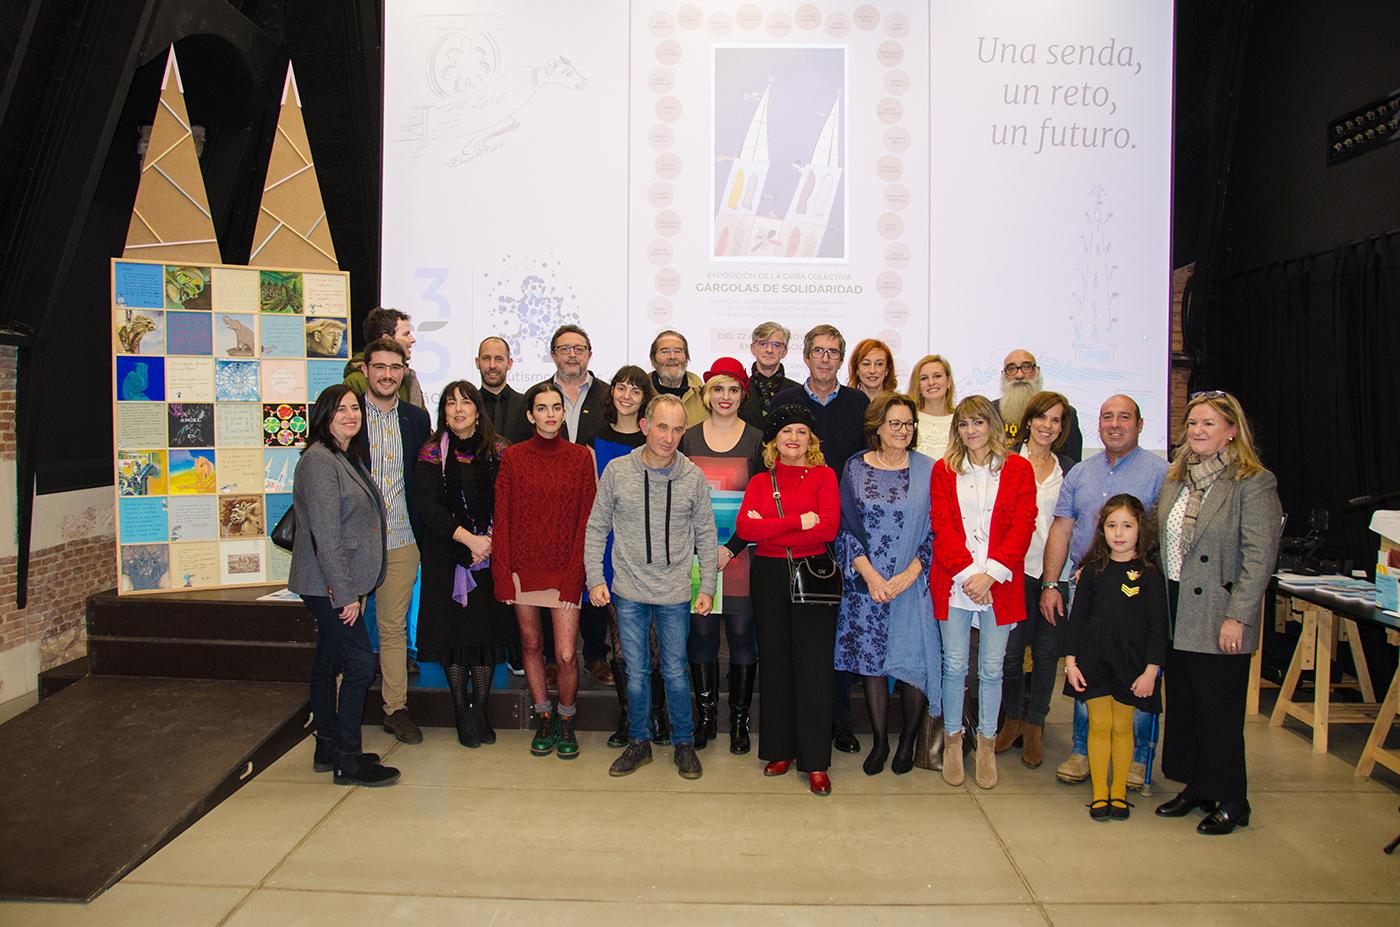 «Gárgolas de Solidaridad», obra colectiva con motivo del 35º Aniversario de Autismo Burgos